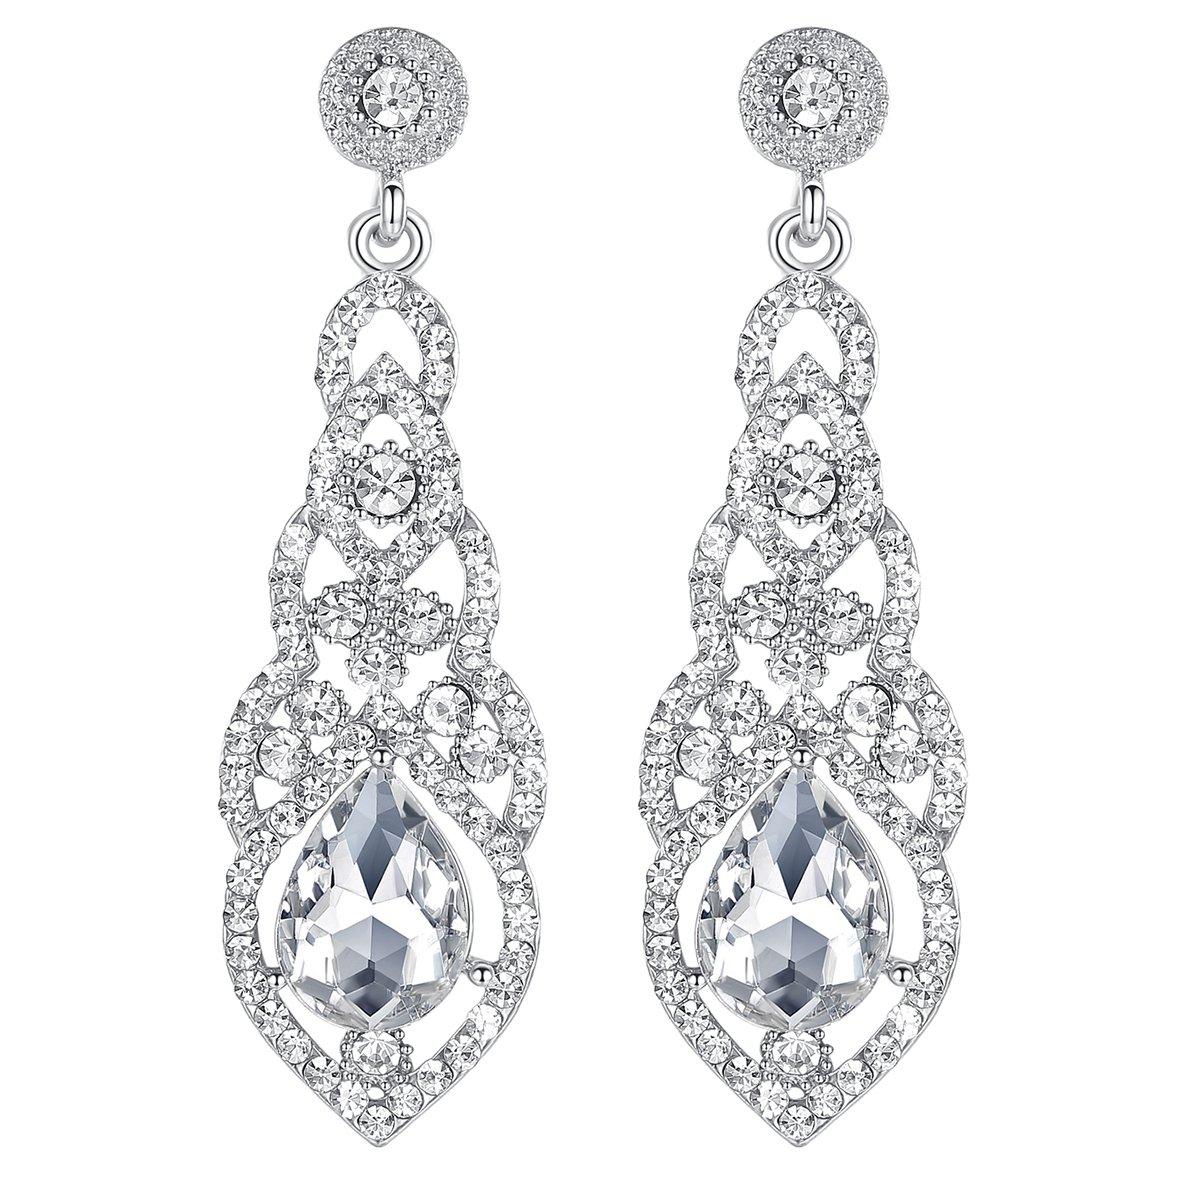 Mecresh clair/doré/champagne/bleu cristal Design unique Fleur Boucles d'oreilles en forme de larme pour Bridemaid ou de mariage eh444-clear